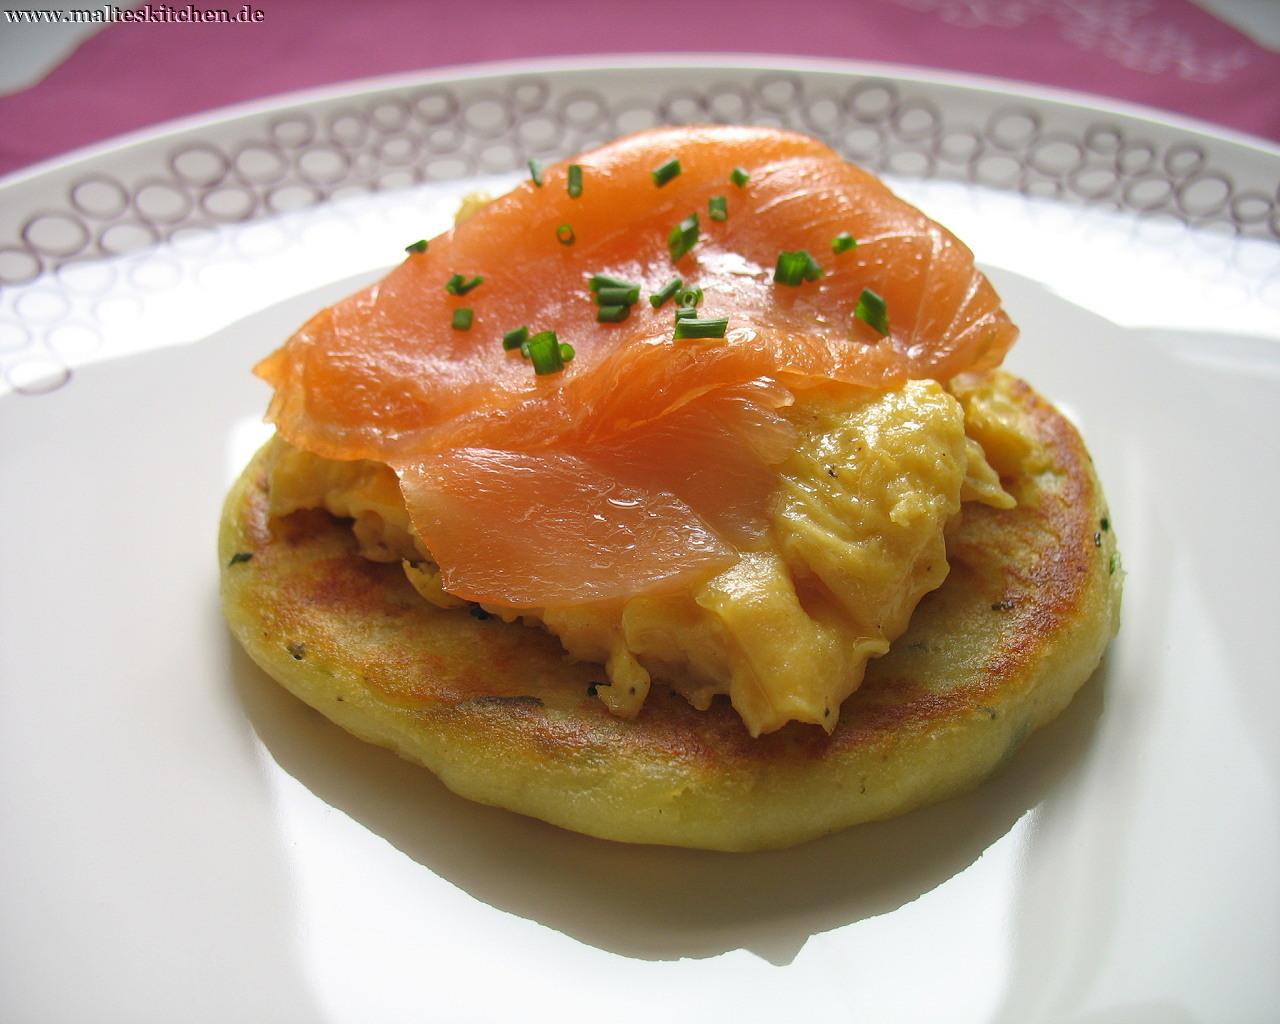 Die leckeren Glasgower Kartoffel-Scones mit Rührei und Räucherlachs